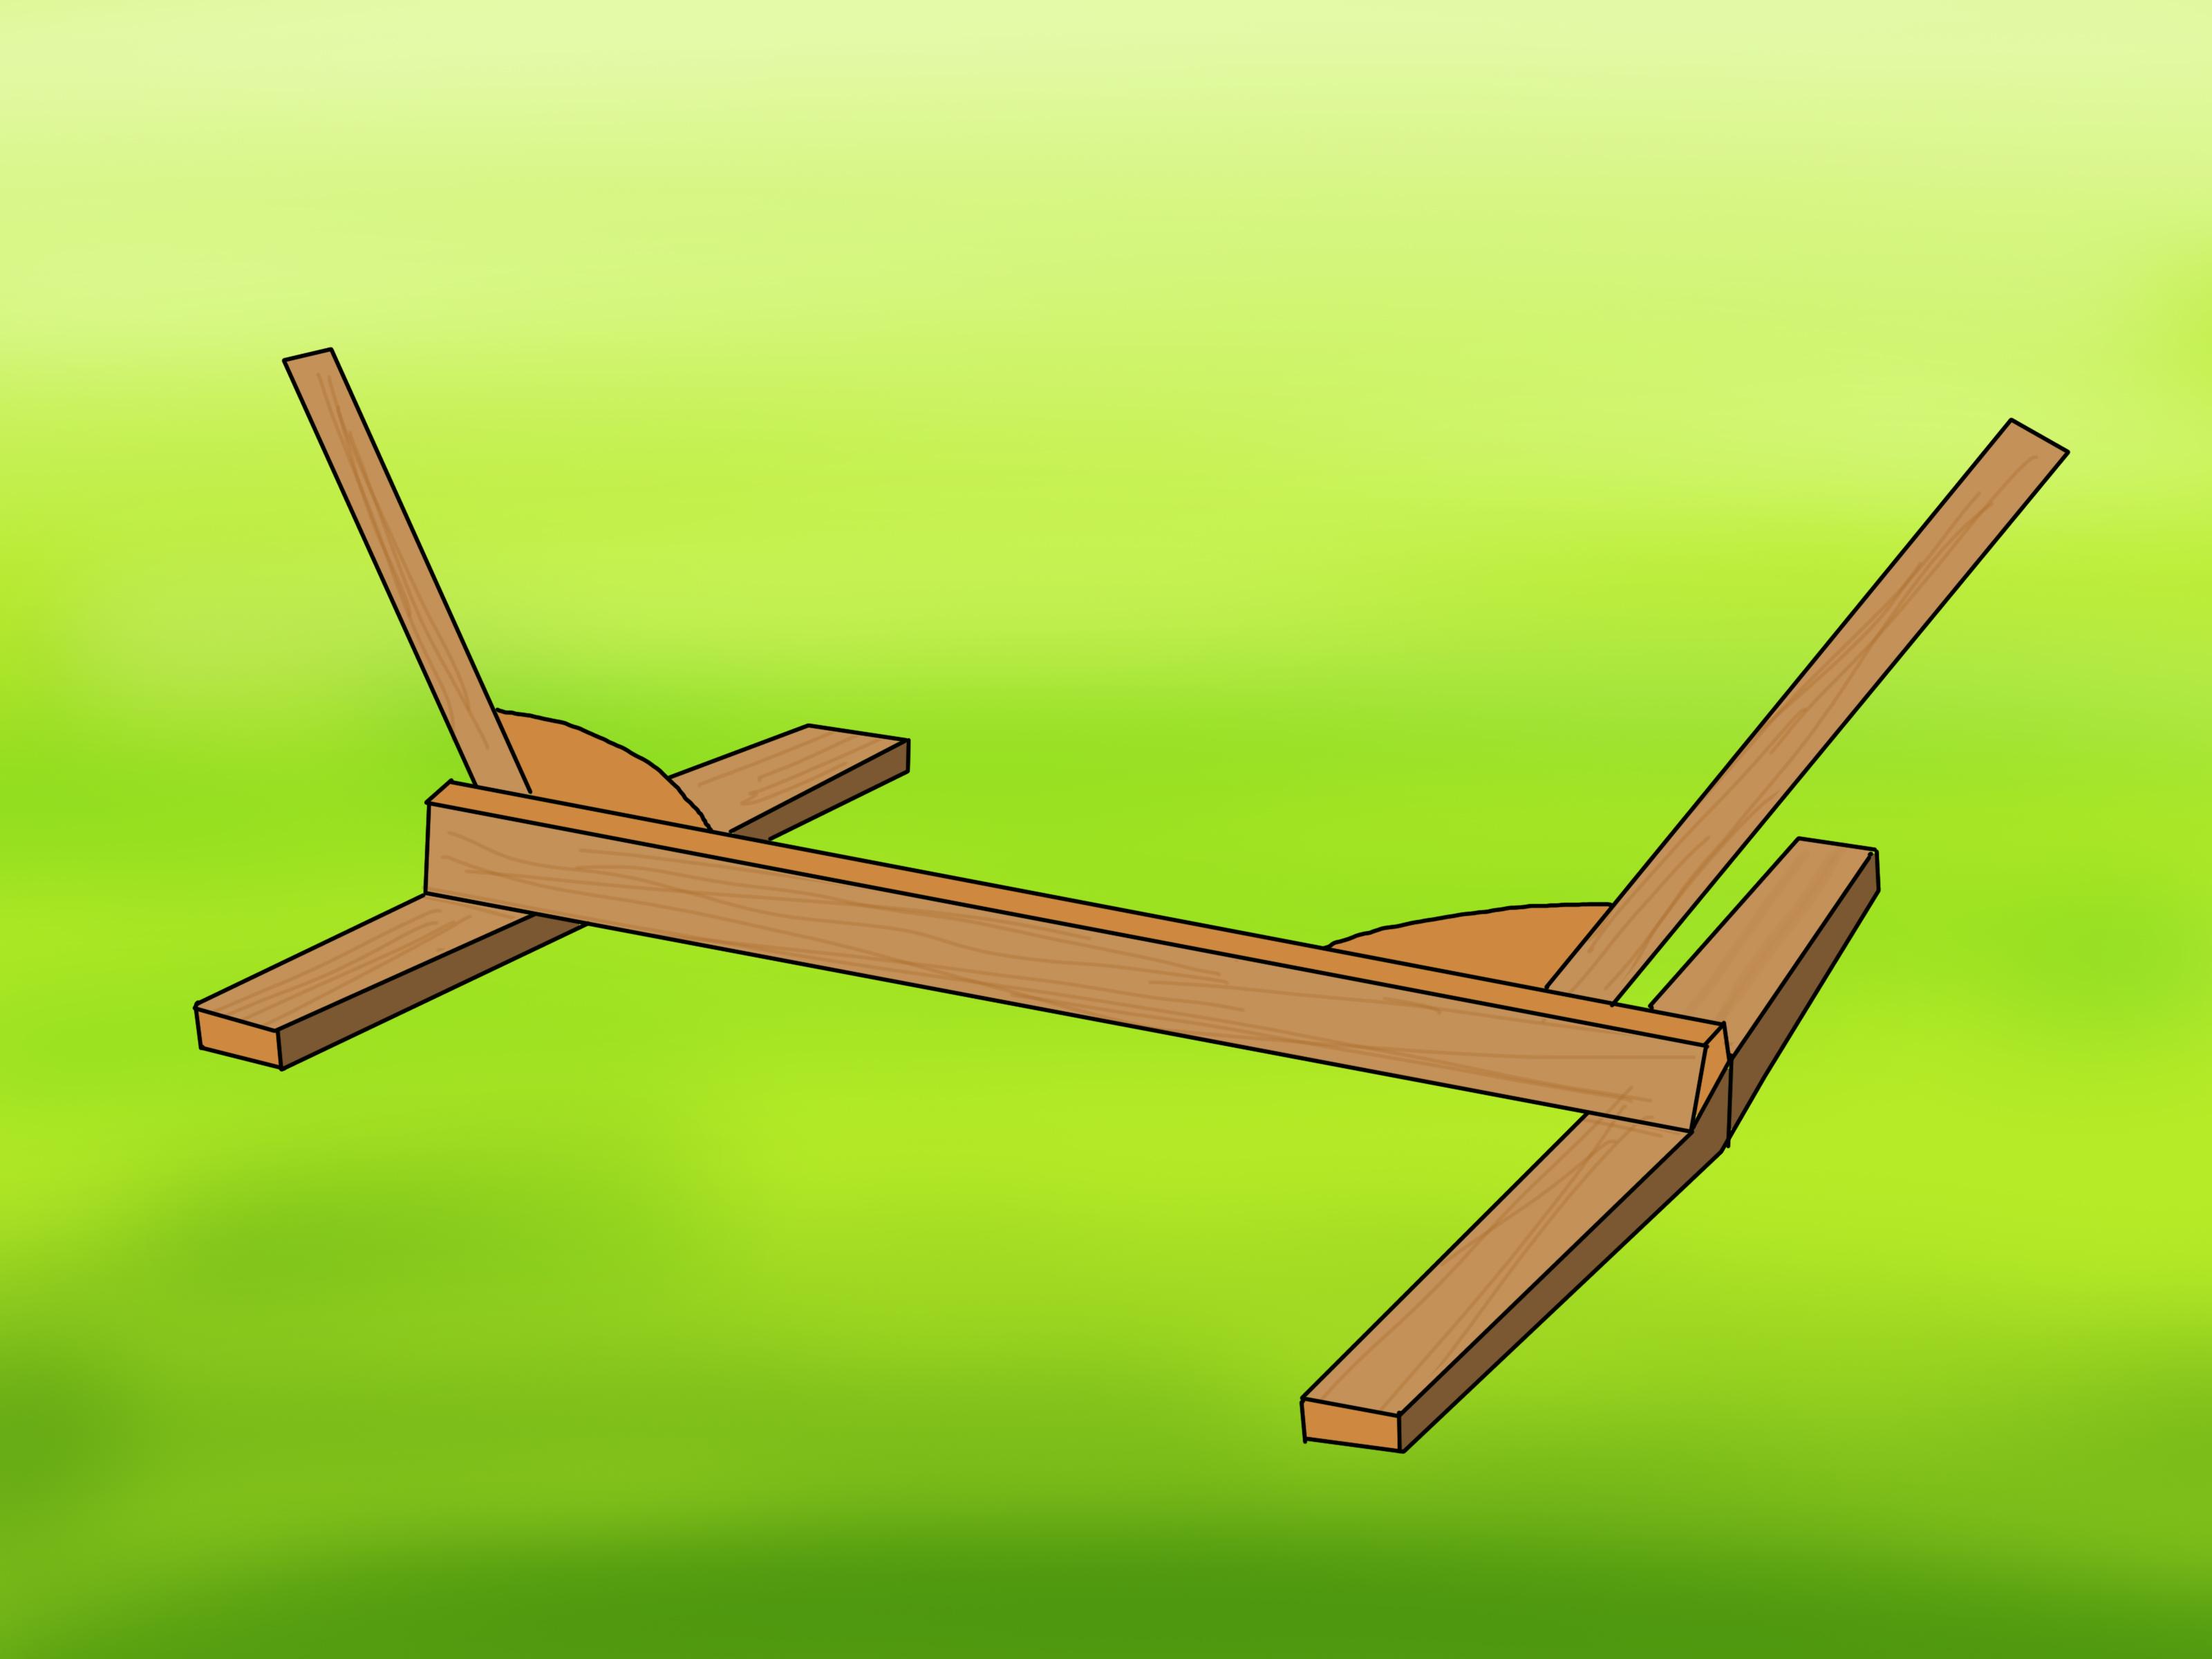 3 Easy Ways To Hang An Eno Hammock